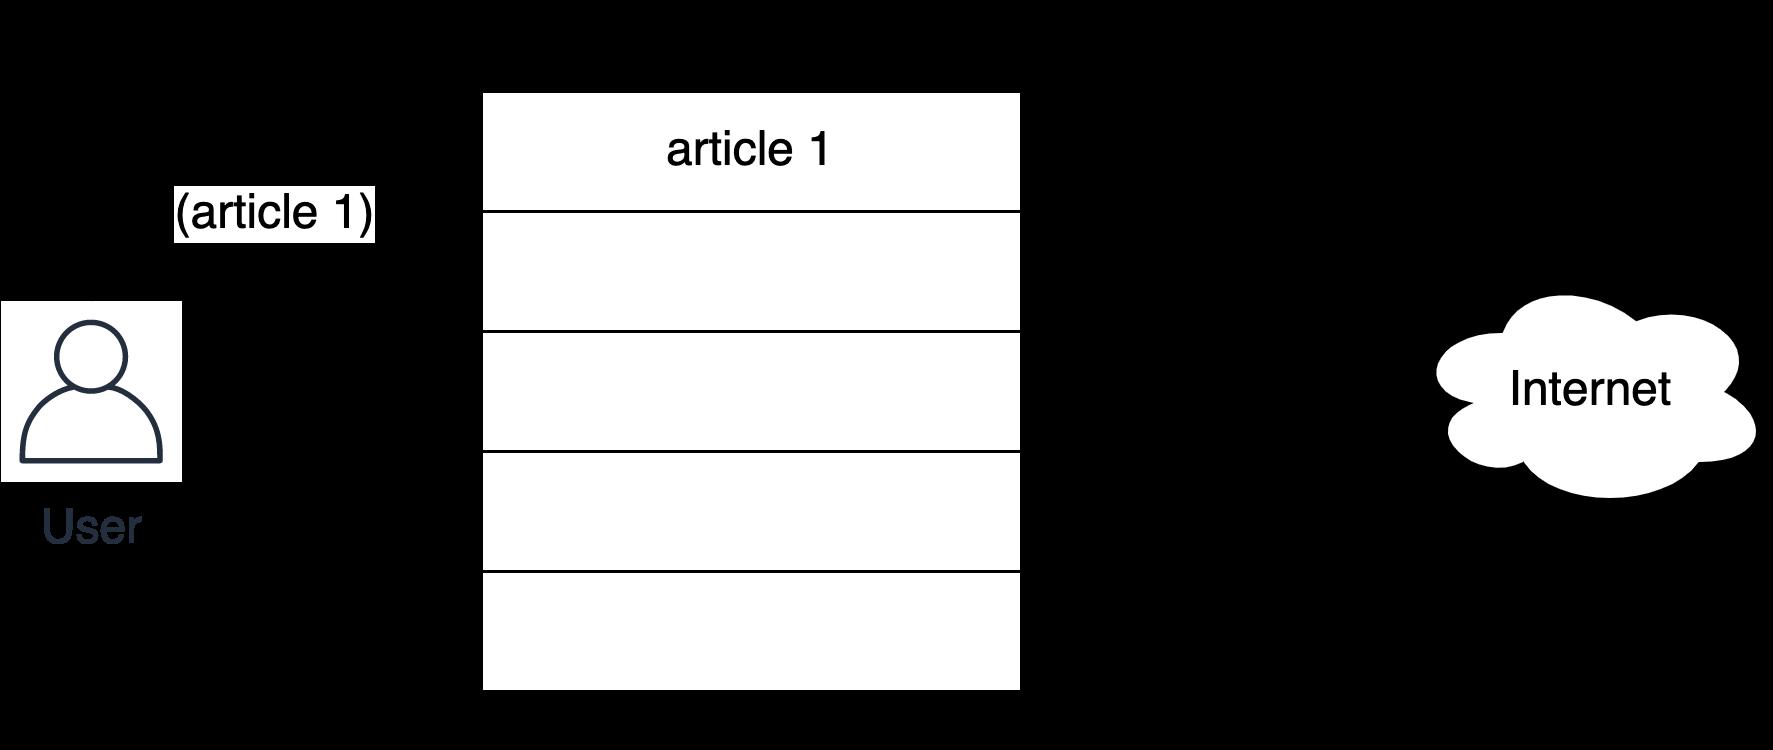 Процесс заполнения LRU-кэша, шаг 1